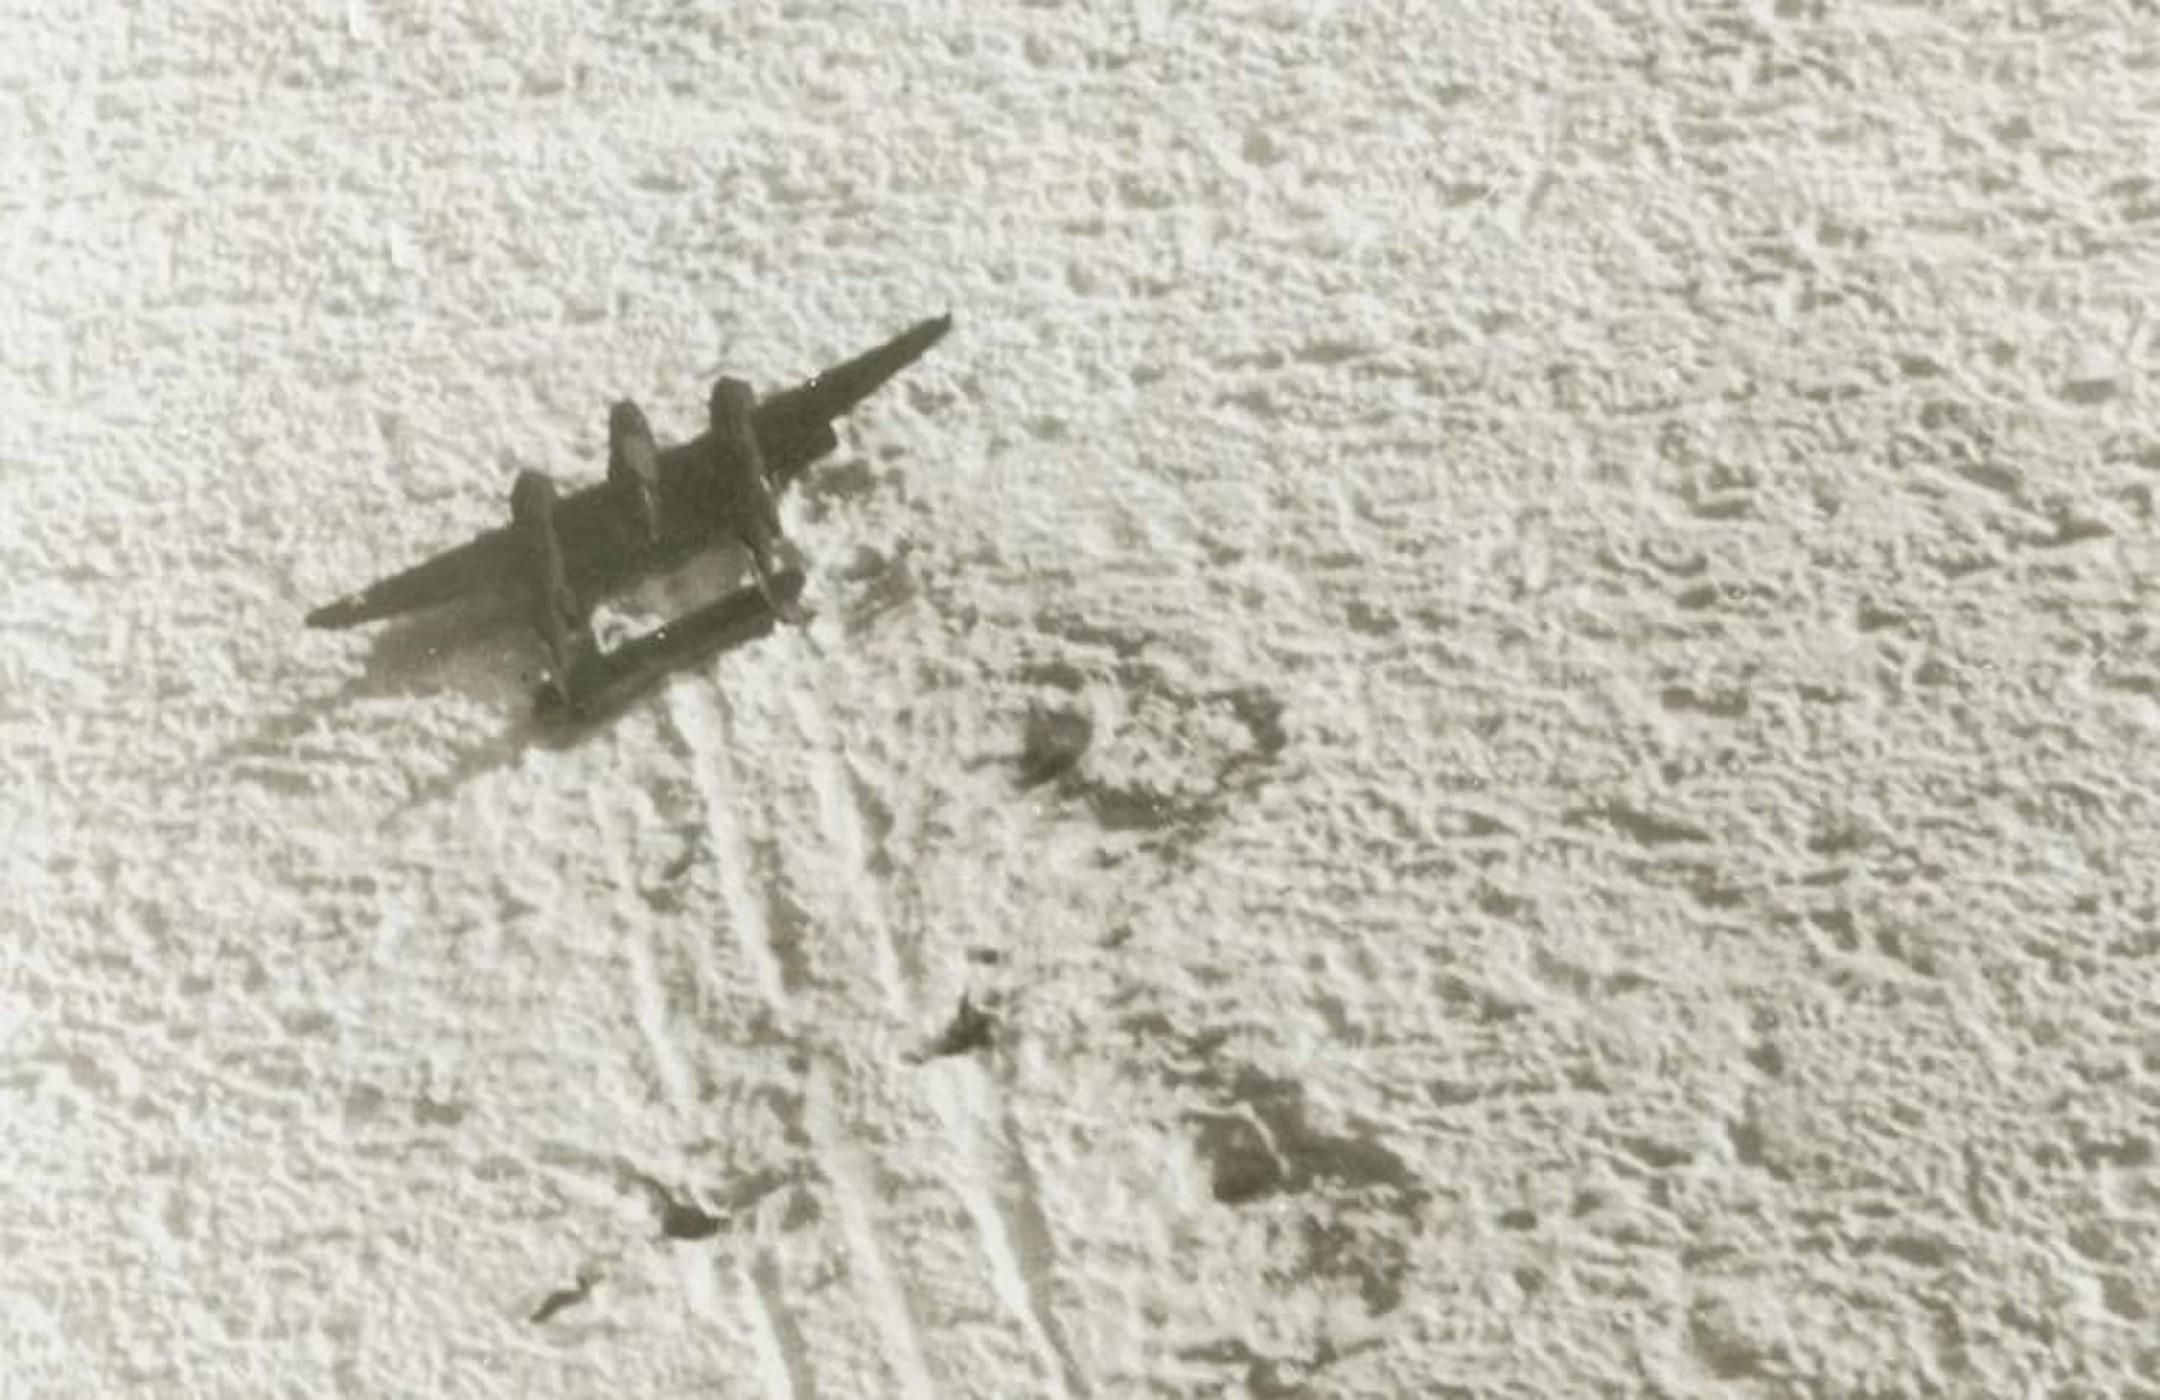 Imagem mostra um P-38 no gelo (Foto: US Army)